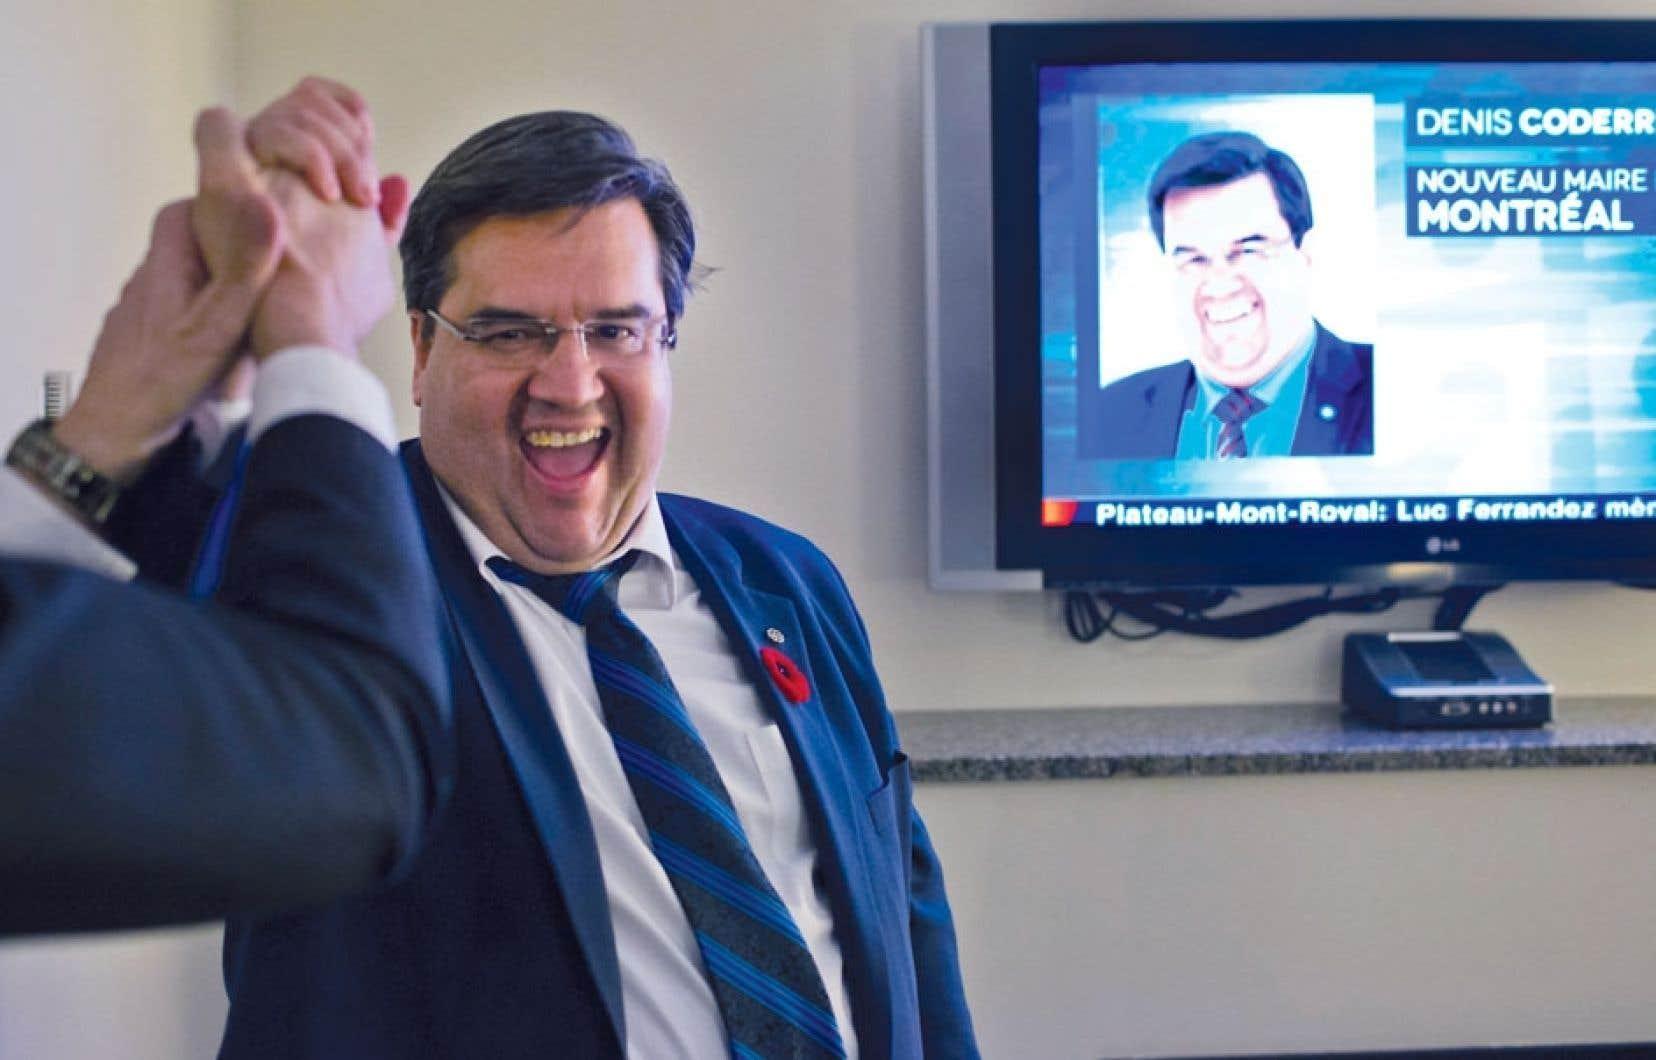 Denis Coderre au moment de l'annonce de sa victoire à la mairie de Montréal, dimanche soir. Le candidat a été élu au poste de maire de Montréal avec 31,8 % des voix.